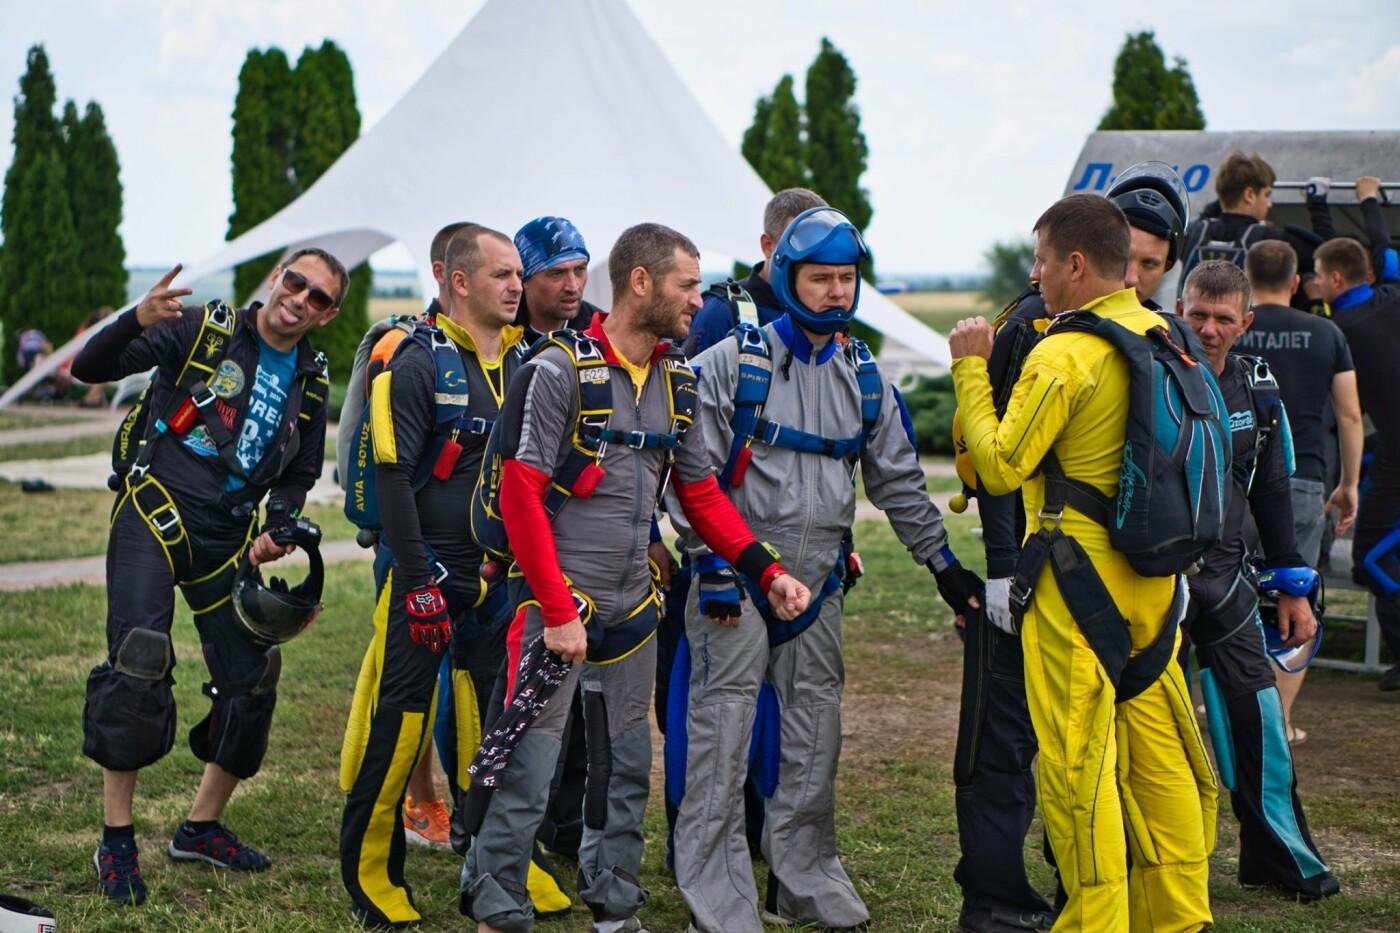 Активный отдых в Днепре - прыжки с парашюта, водный спорт, прокат и аренда транспорта , фото-6